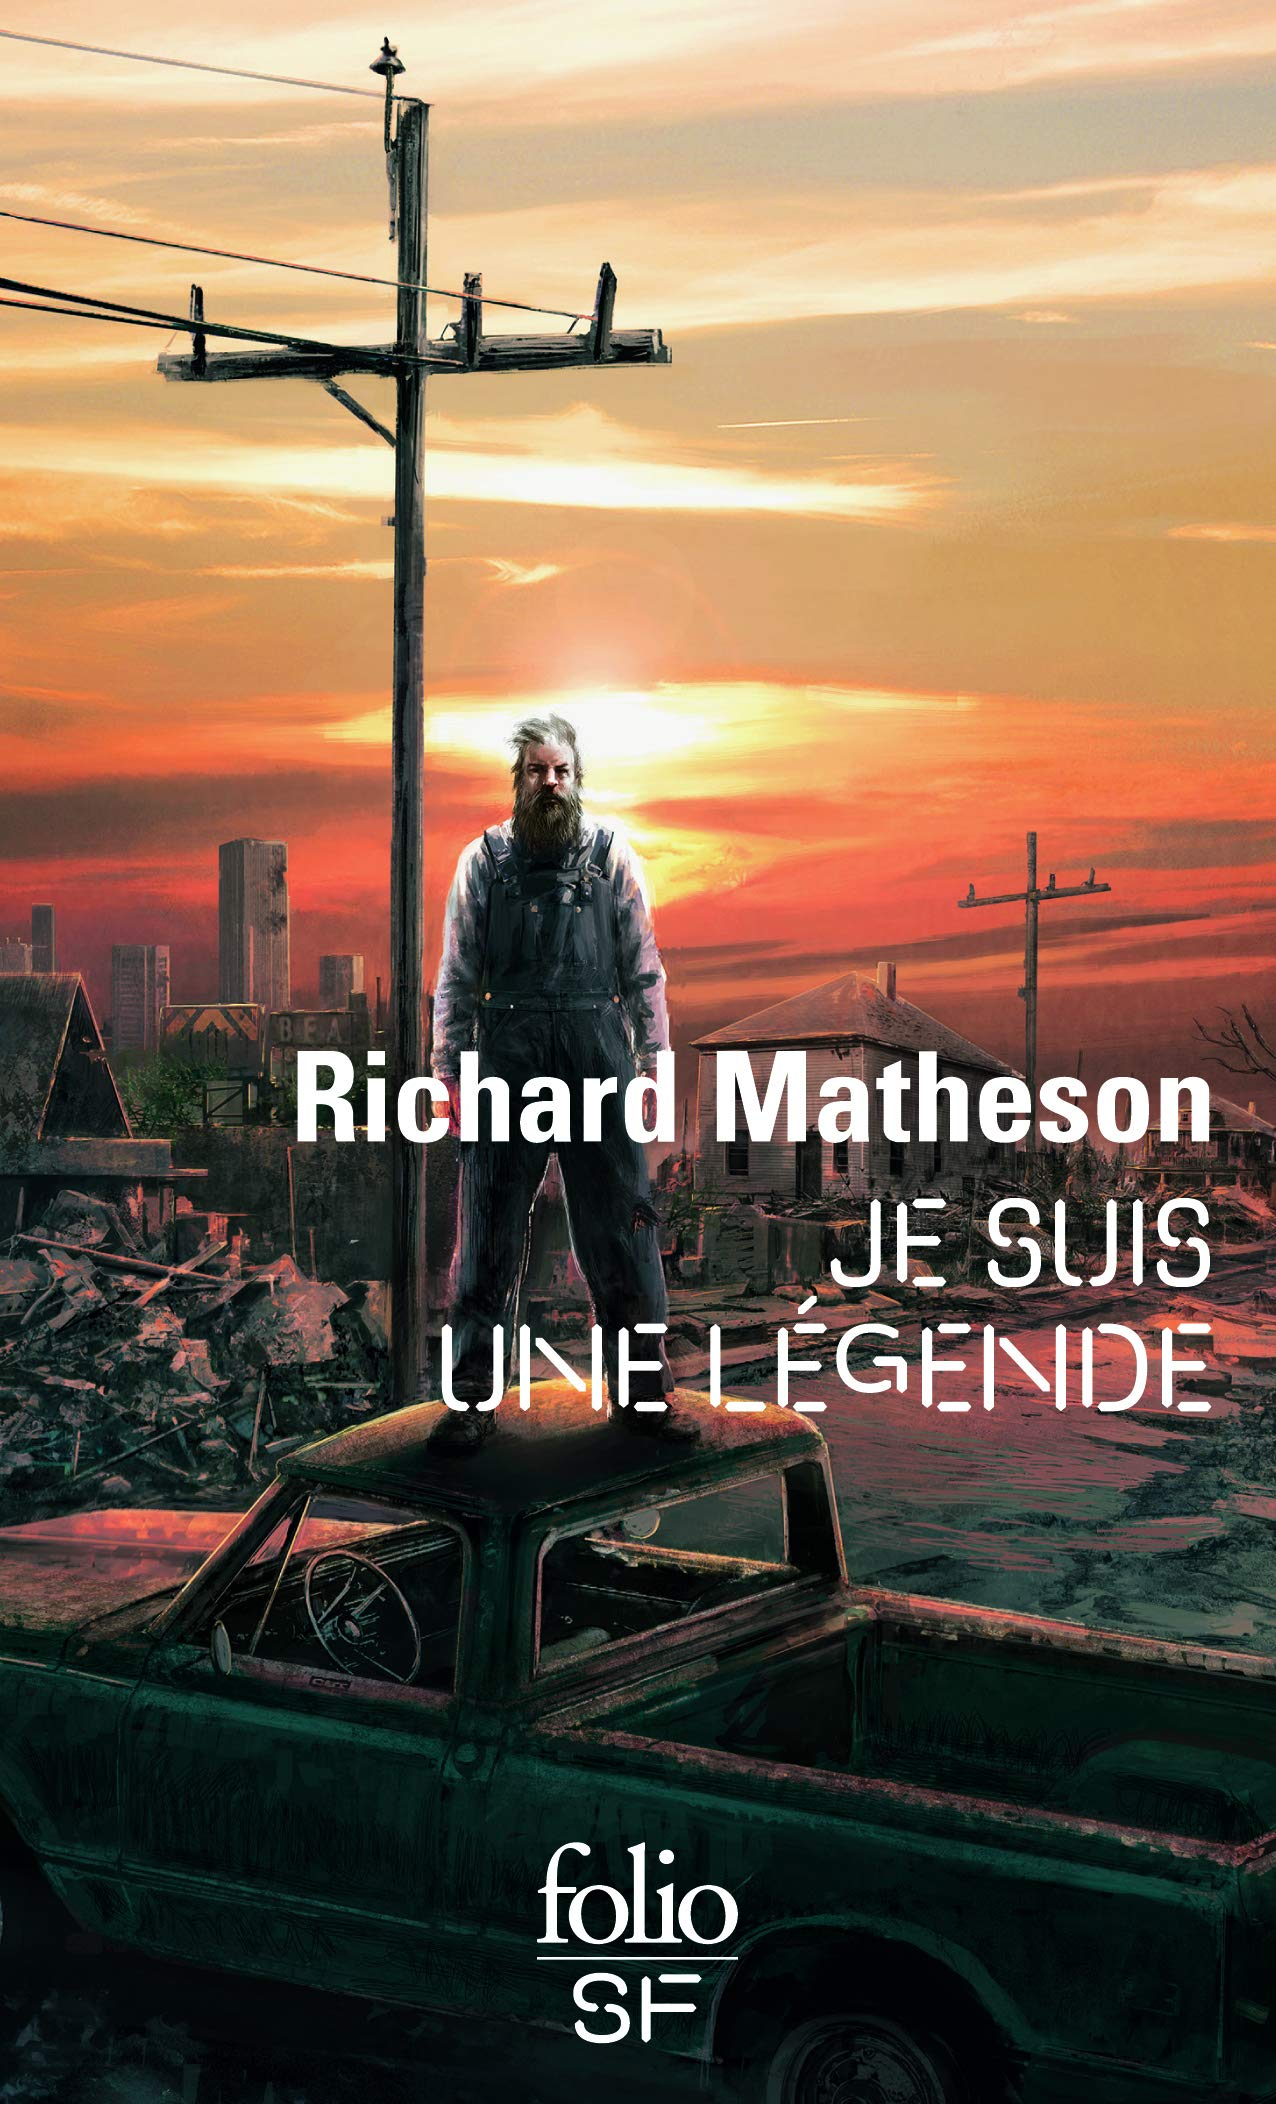 livres-a-lire-confinement-je-suis-une-legende-richard-matheson